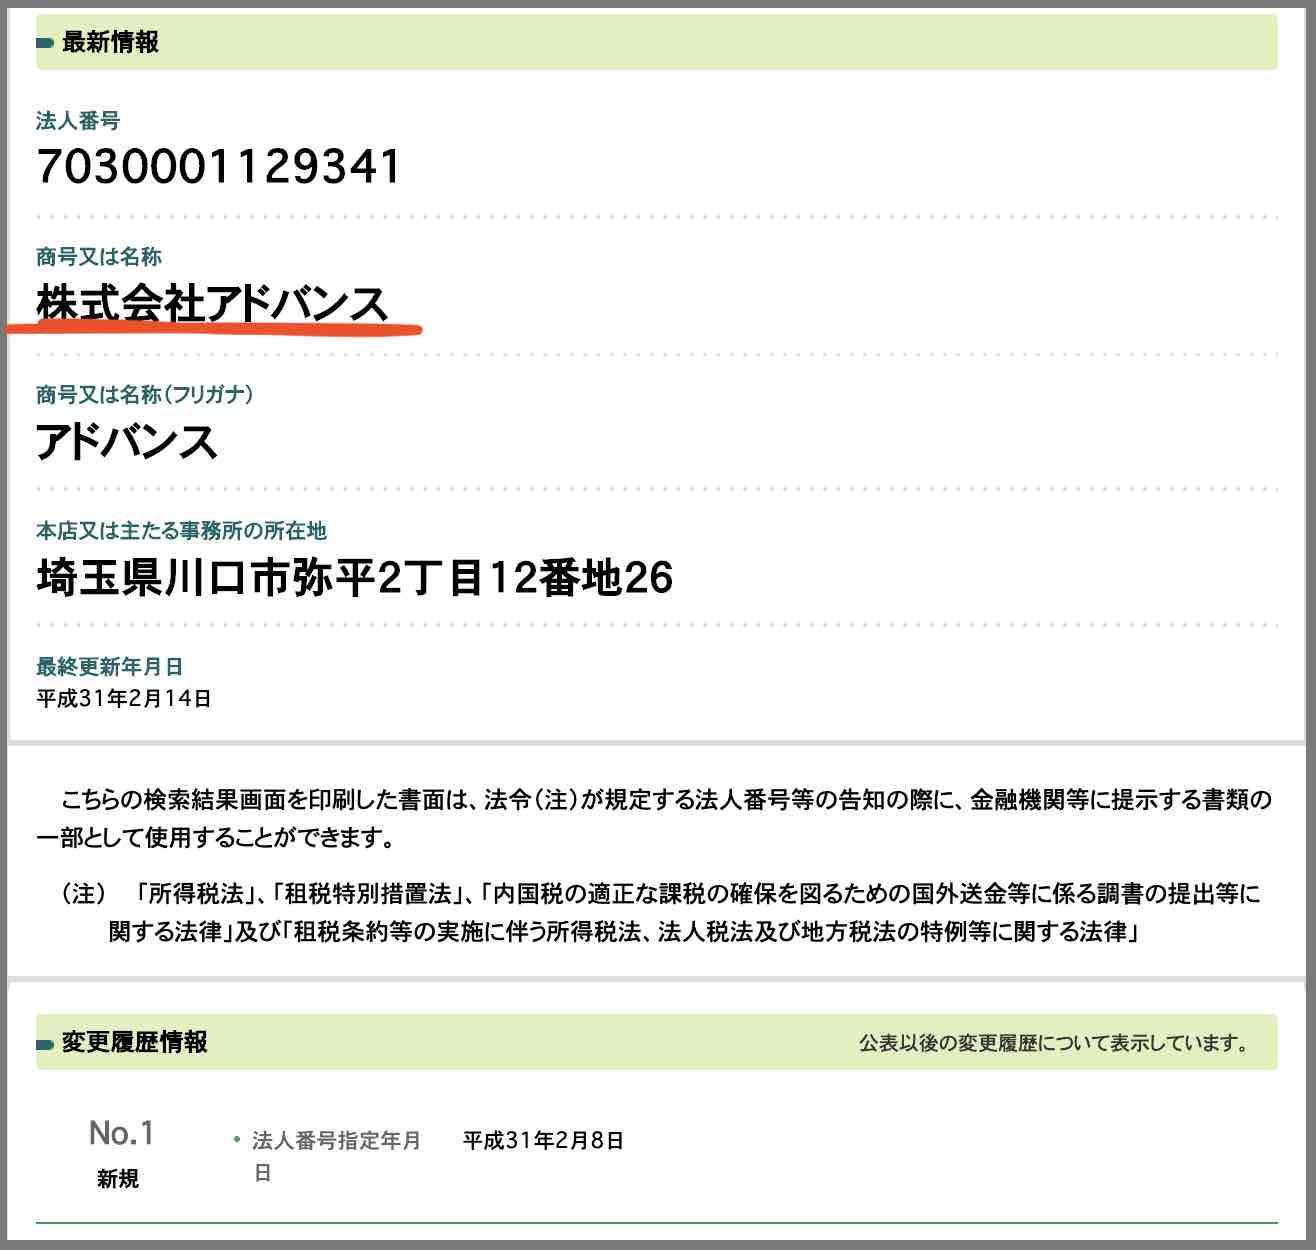 阿九亜屋の株式会社アドバンスの国税庁で調べた運営社情報